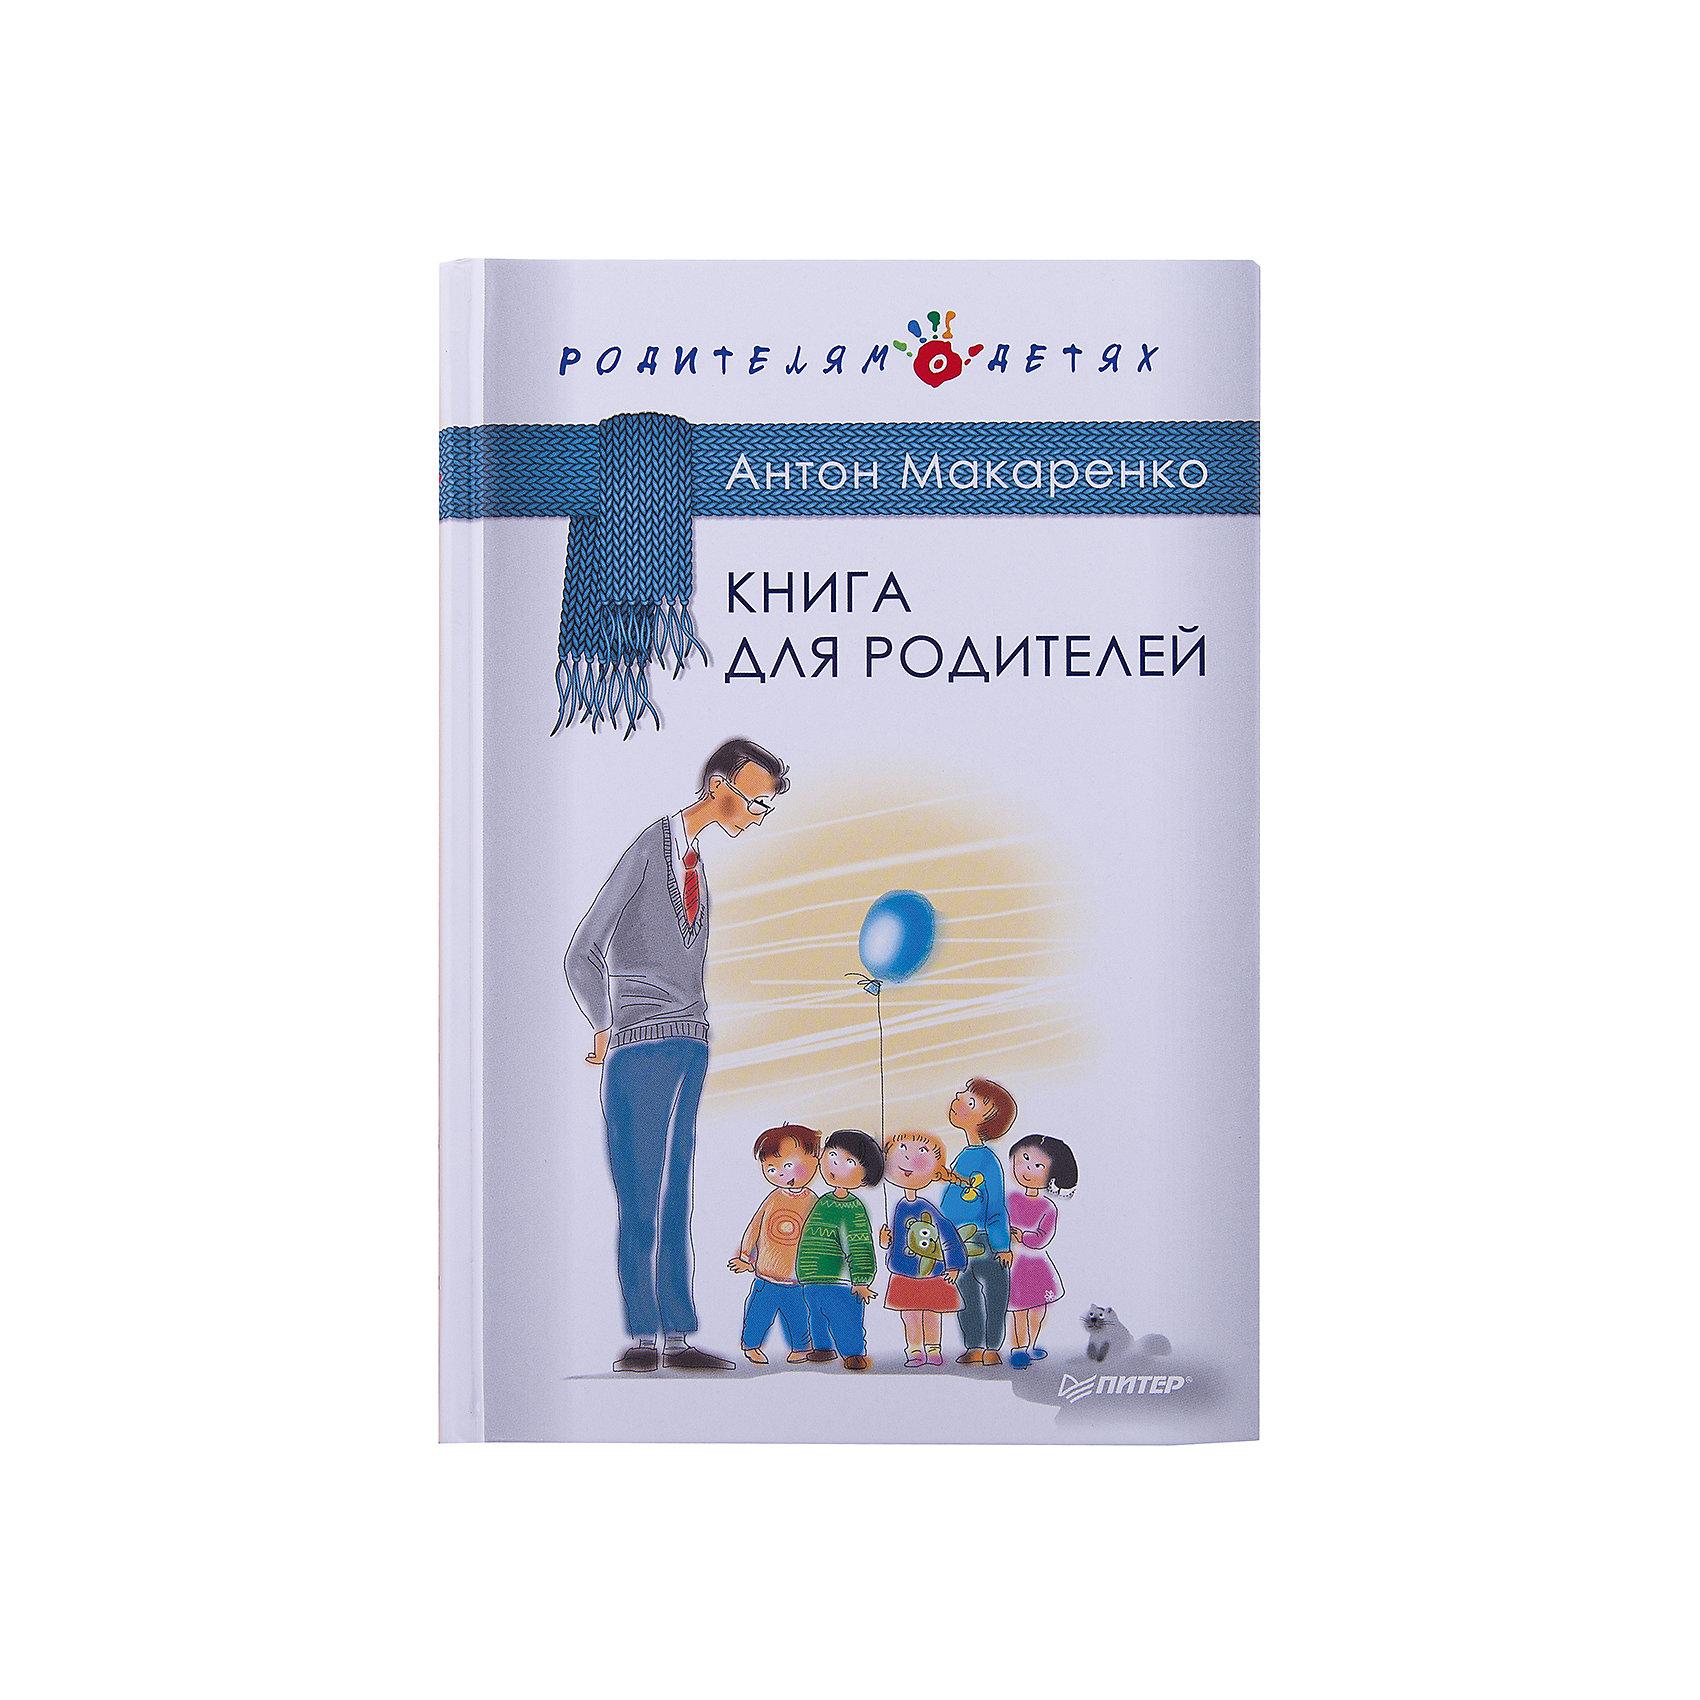 Книга для родителей (ПИТЕР)